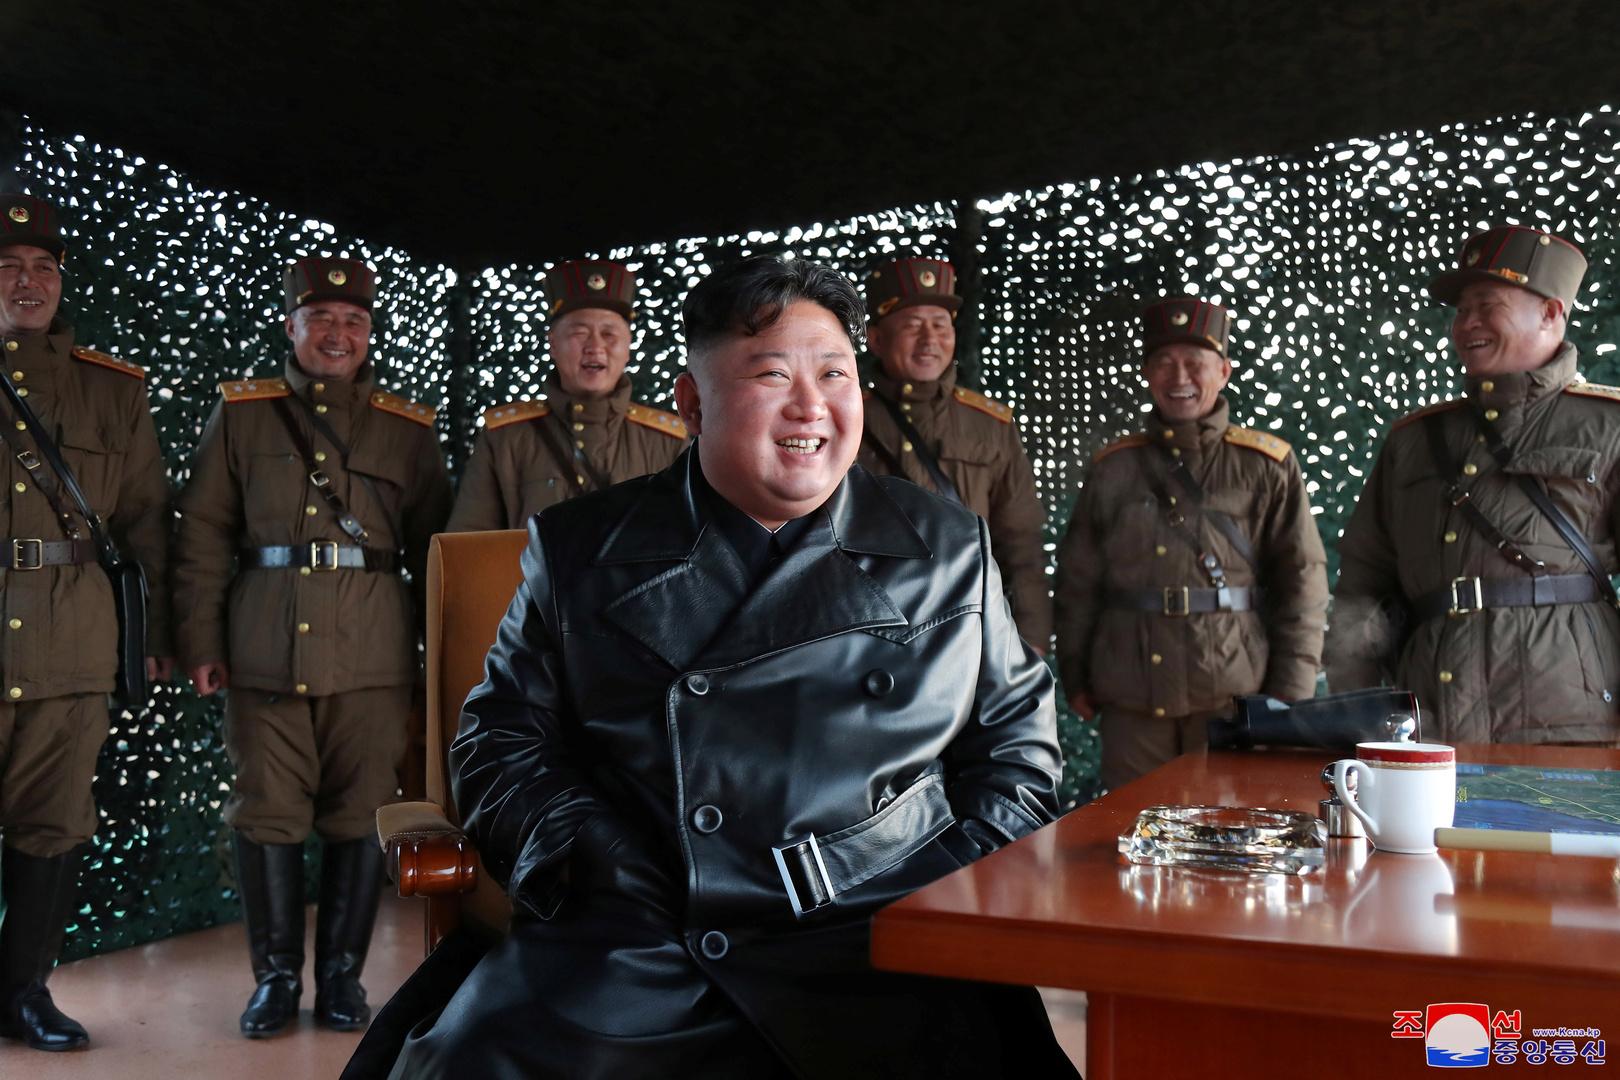 كيم جونغ أون يعلن إكمال عملية تشكيل قوات نووية لكوريا الشمالية